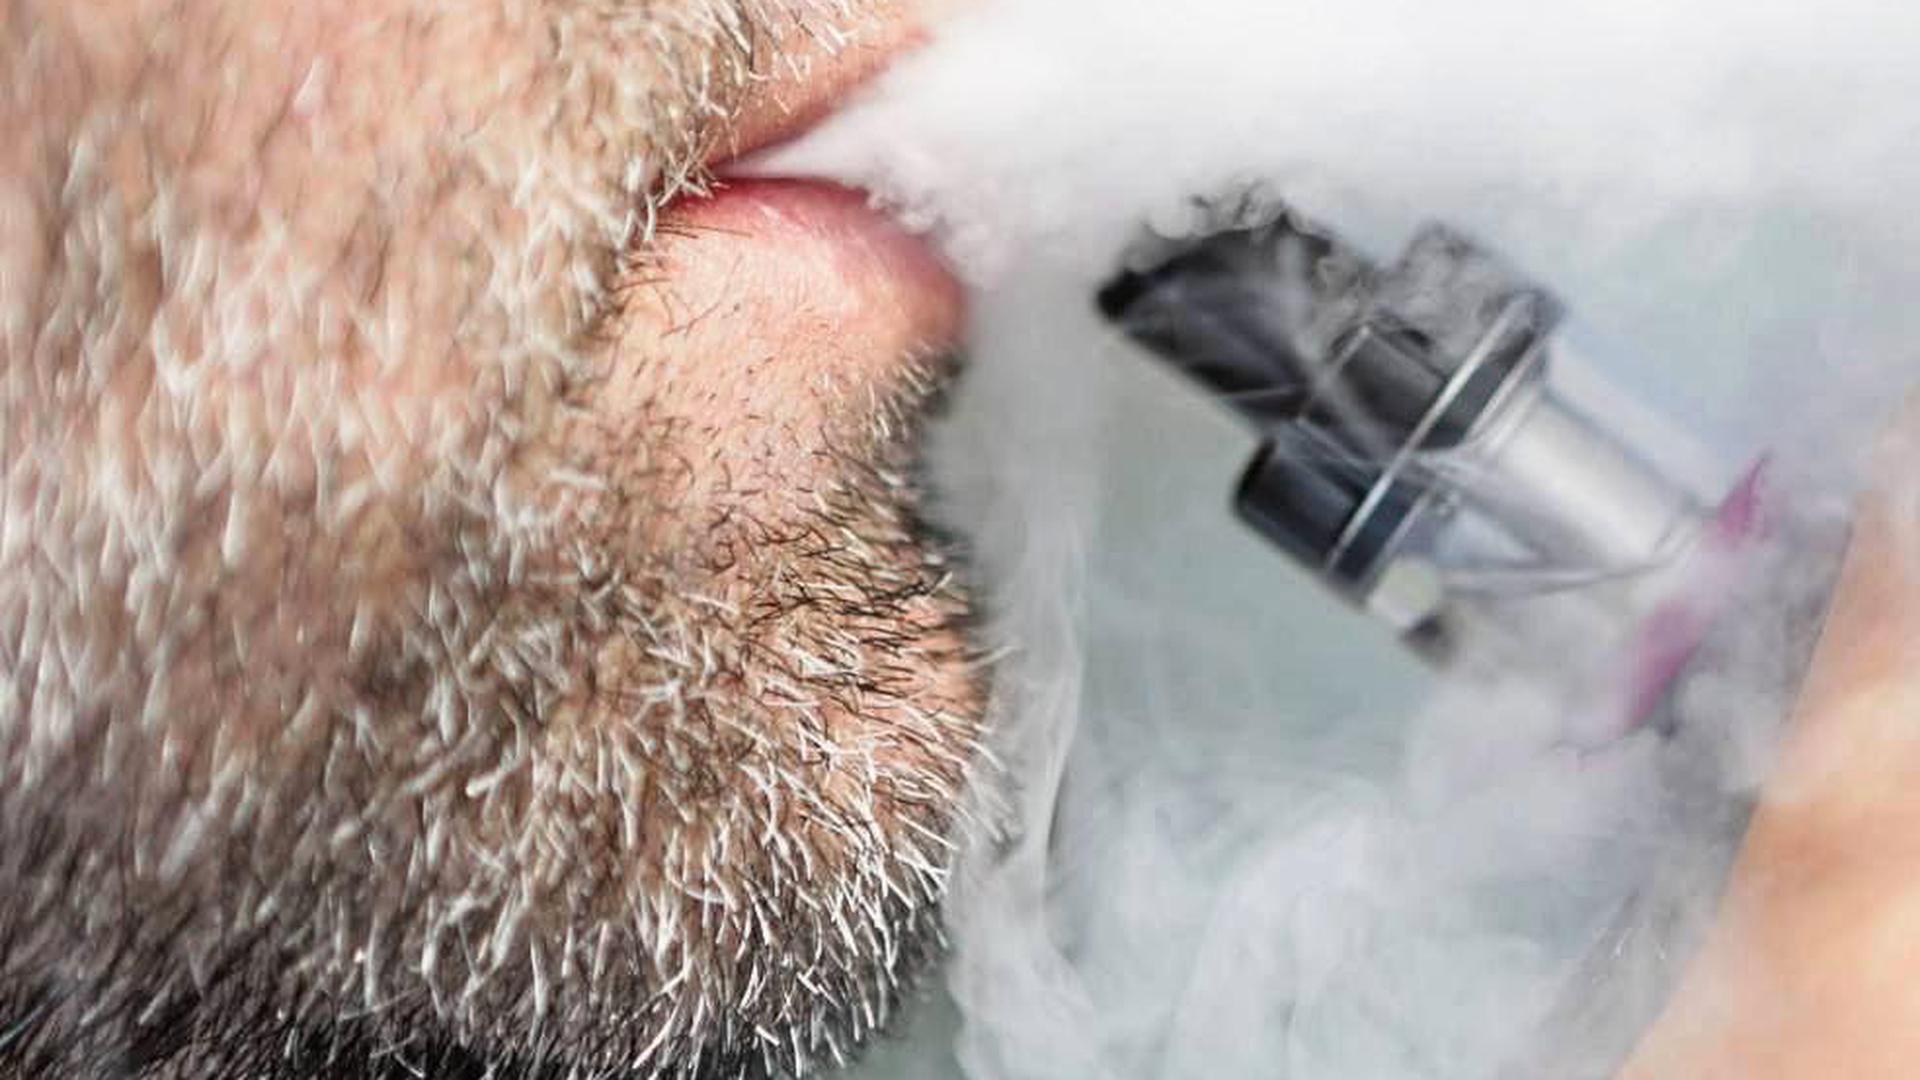 Über E-Zigaretten und Tabakerhitzer kursieren viele Mythen. Suchtexperten und Mediziner diskutierten in Karlsruhe über die Fakten.